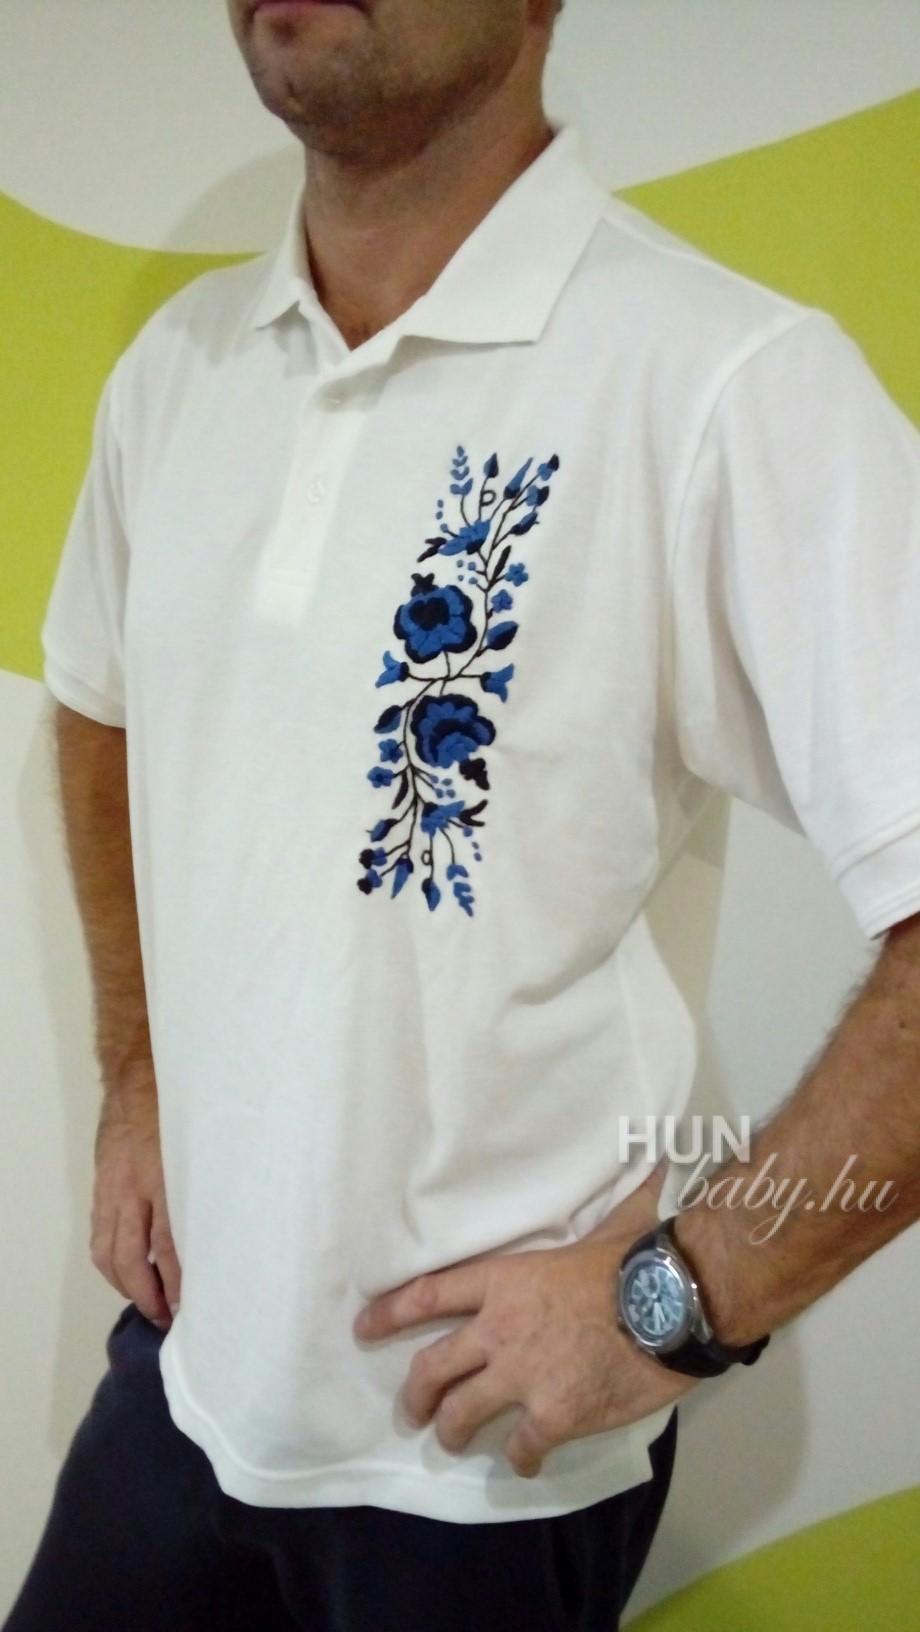 e19745f97a ... Férfi galléros póló - tenisz polo kalocsai mintával - kék-fekete kézi  hímzéssel ...